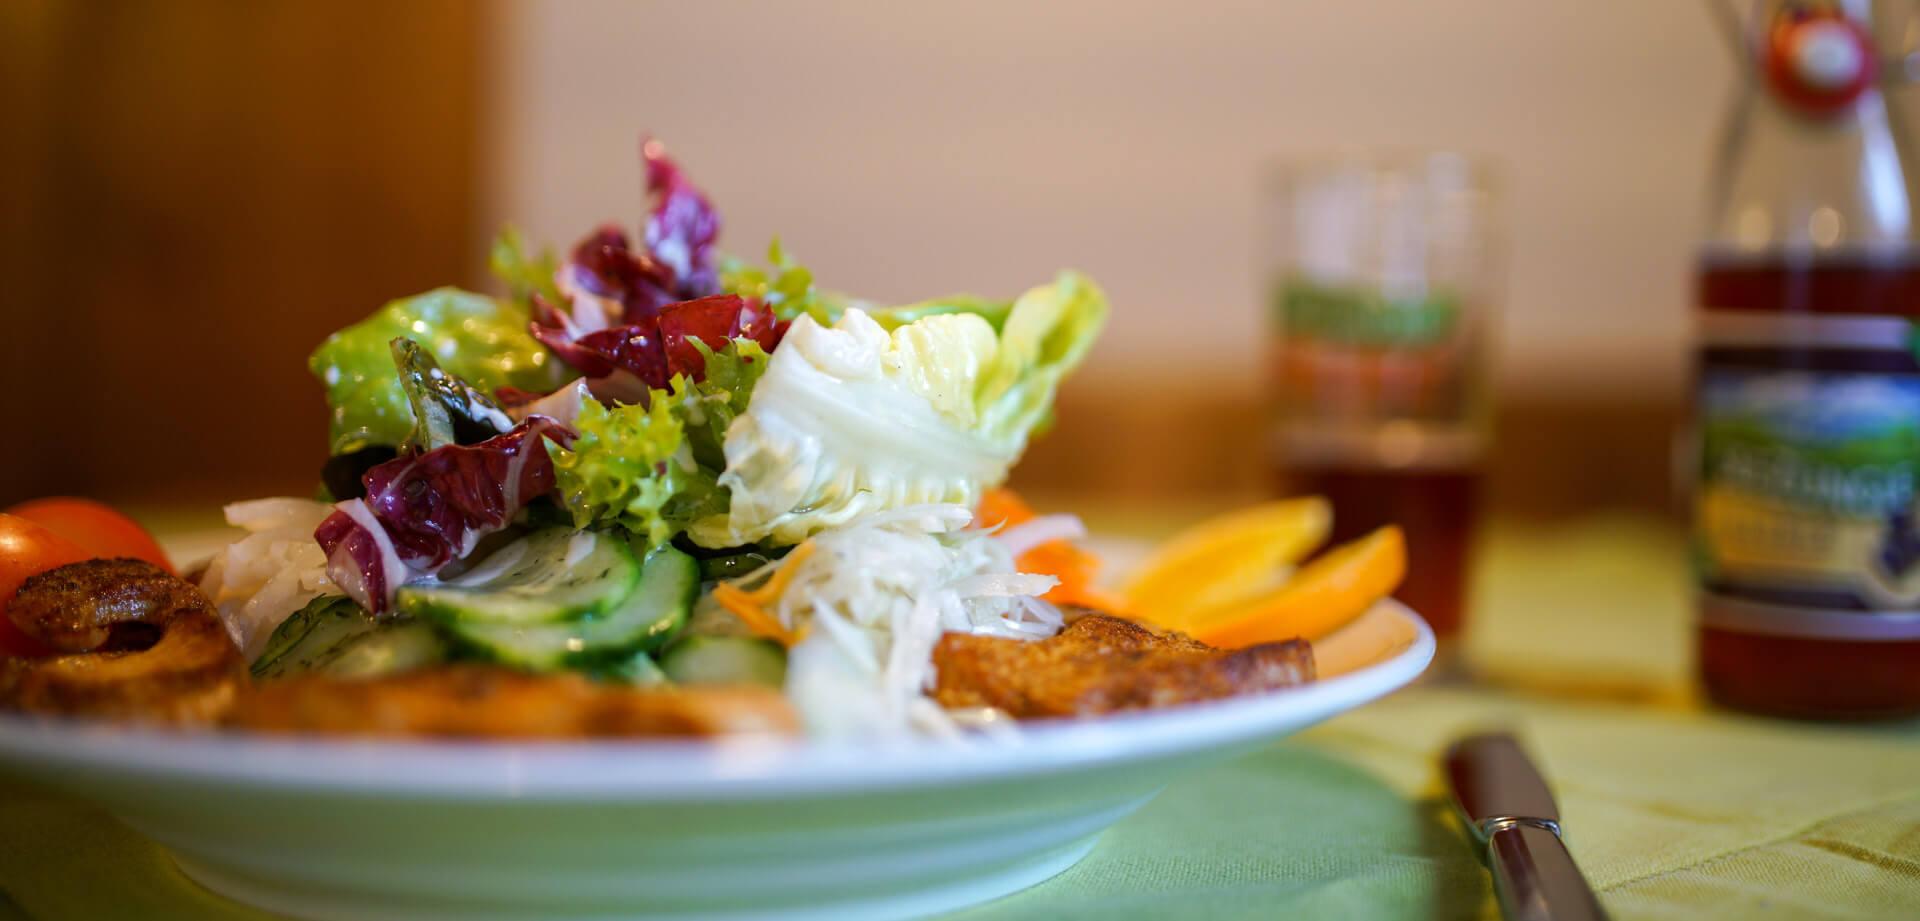 Salatteller mit Putenbruststreifen auf Tisch in Wirtchaft